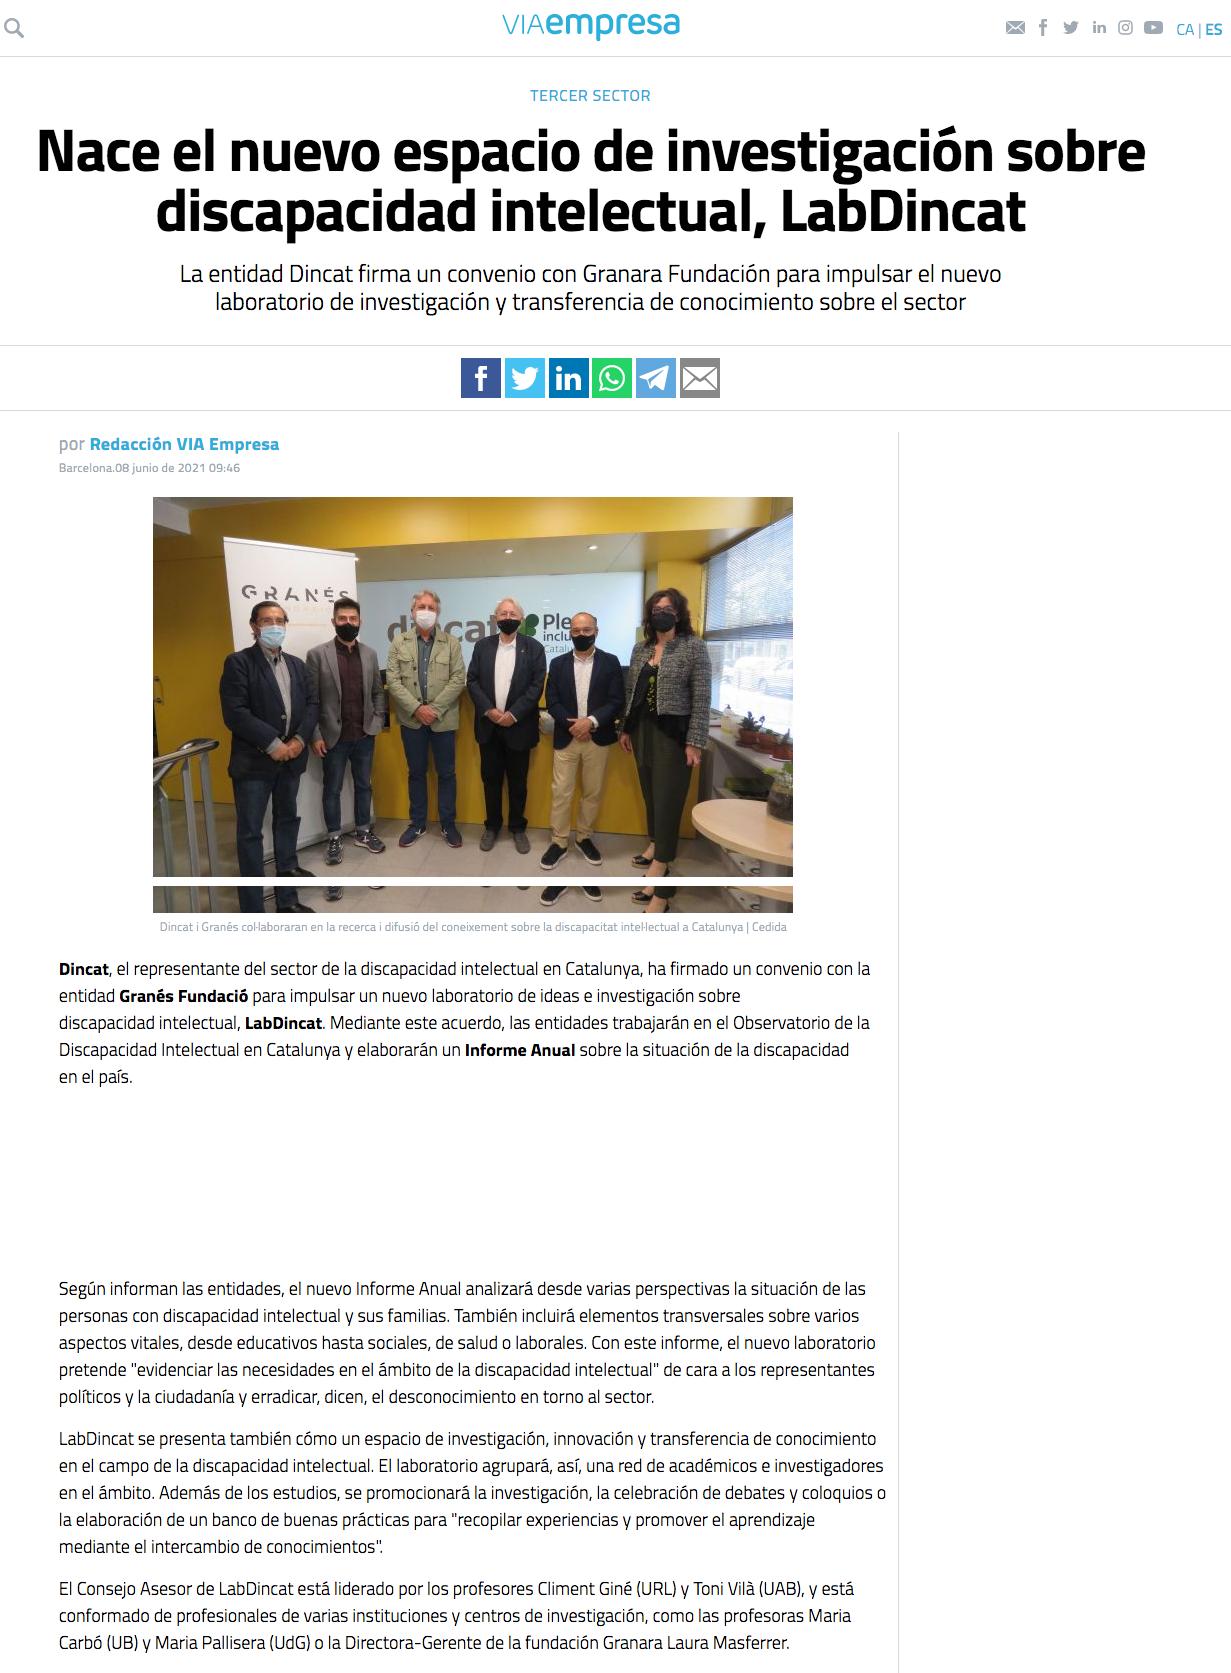 Nace El Nuevo Espacio De Investigación Sobre Discapacidad Intelectual, LabDincat - Via Empresa